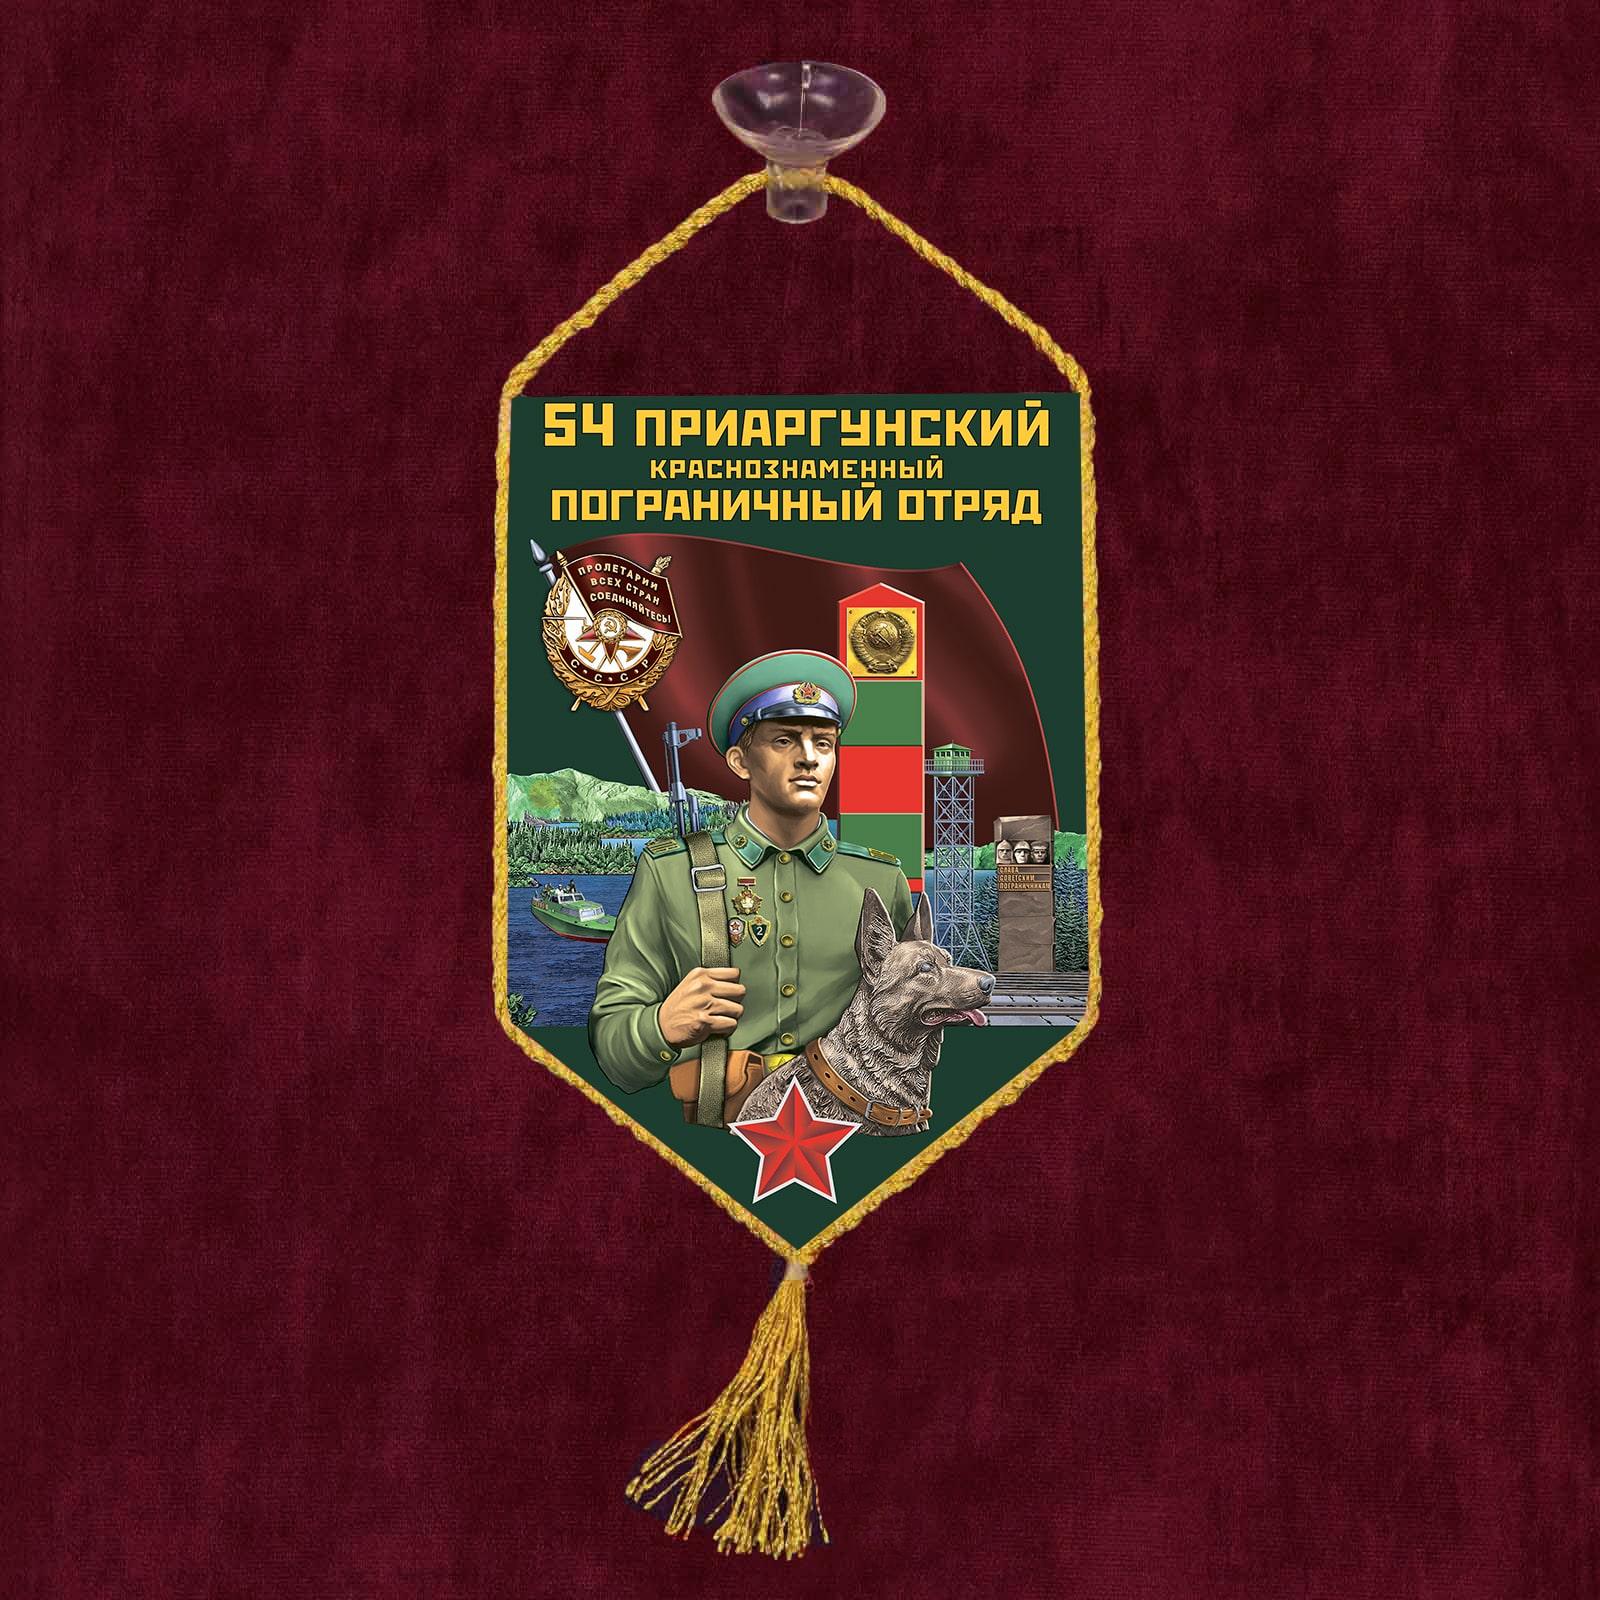 """Автомобильный вымпел """"54 Приаргунский пограничный отряд"""""""